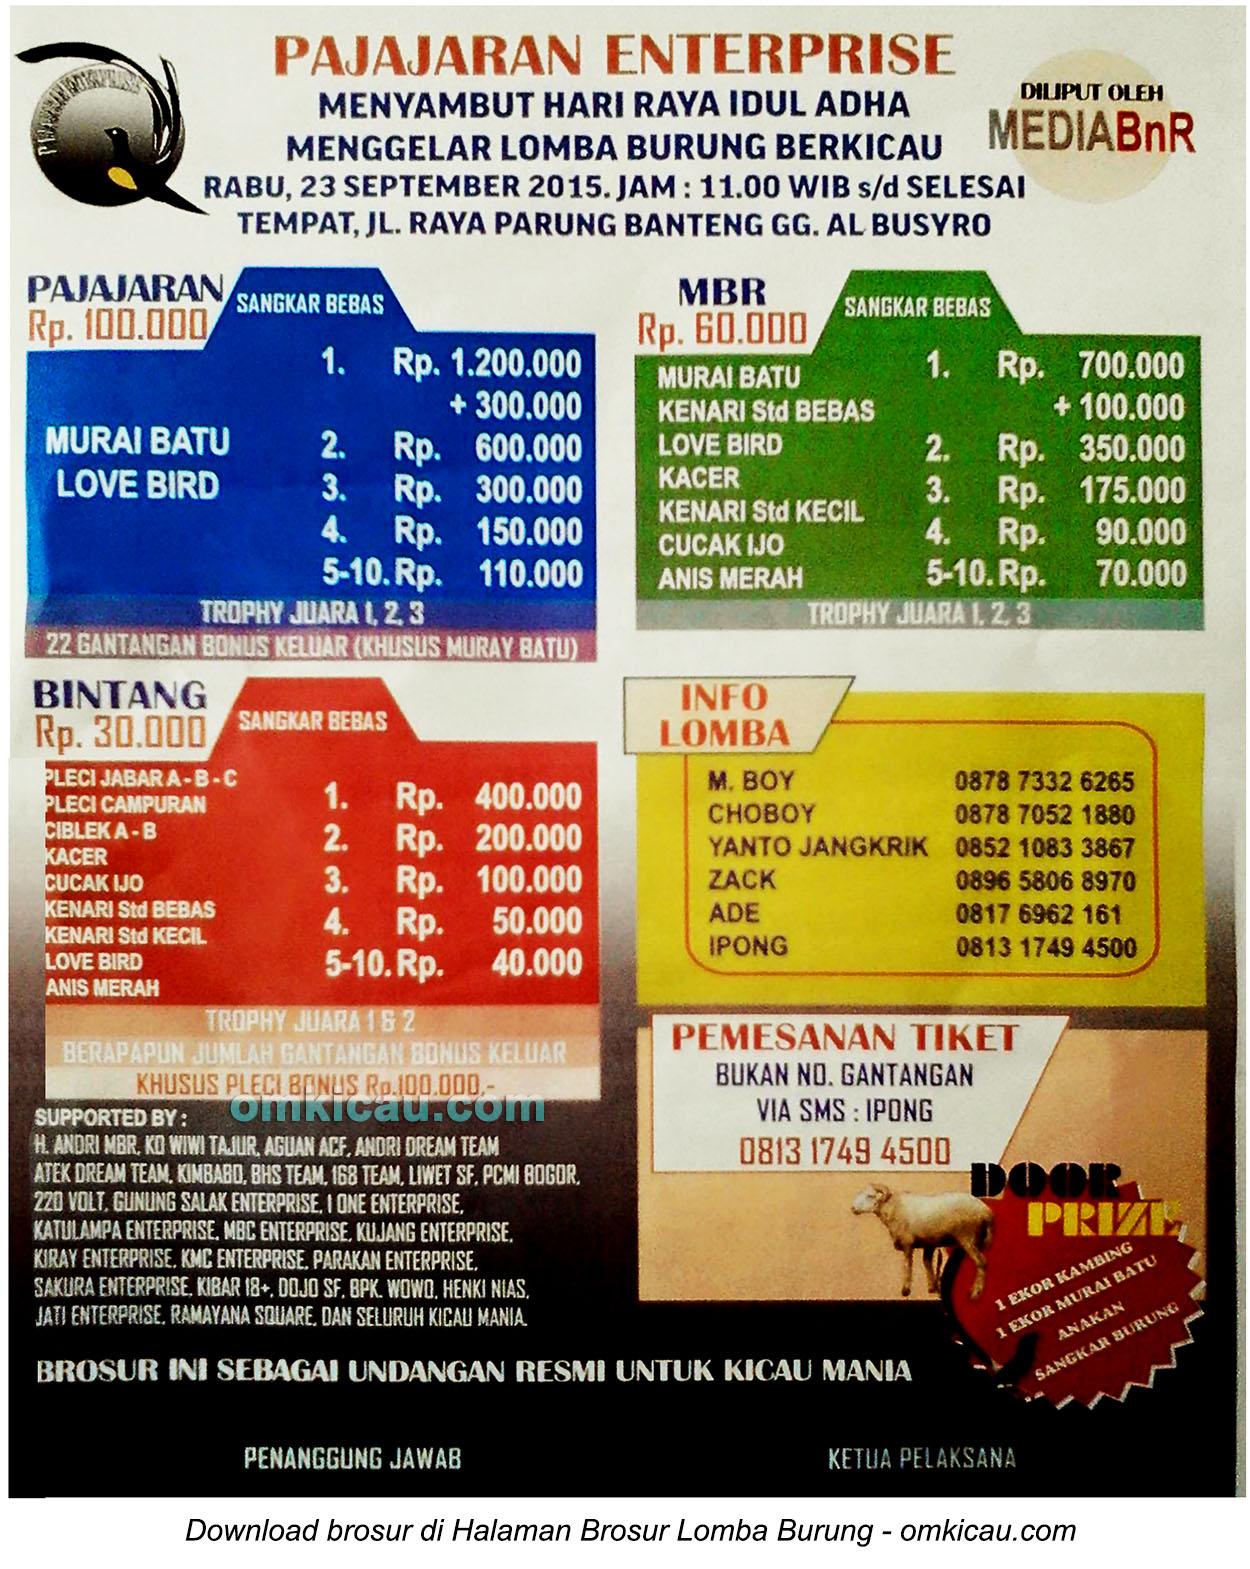 Brosur Lomba Burung Berkicau Pajajaran Enterprise Menyambut Idul Adha, Bogor, 23 September 2015